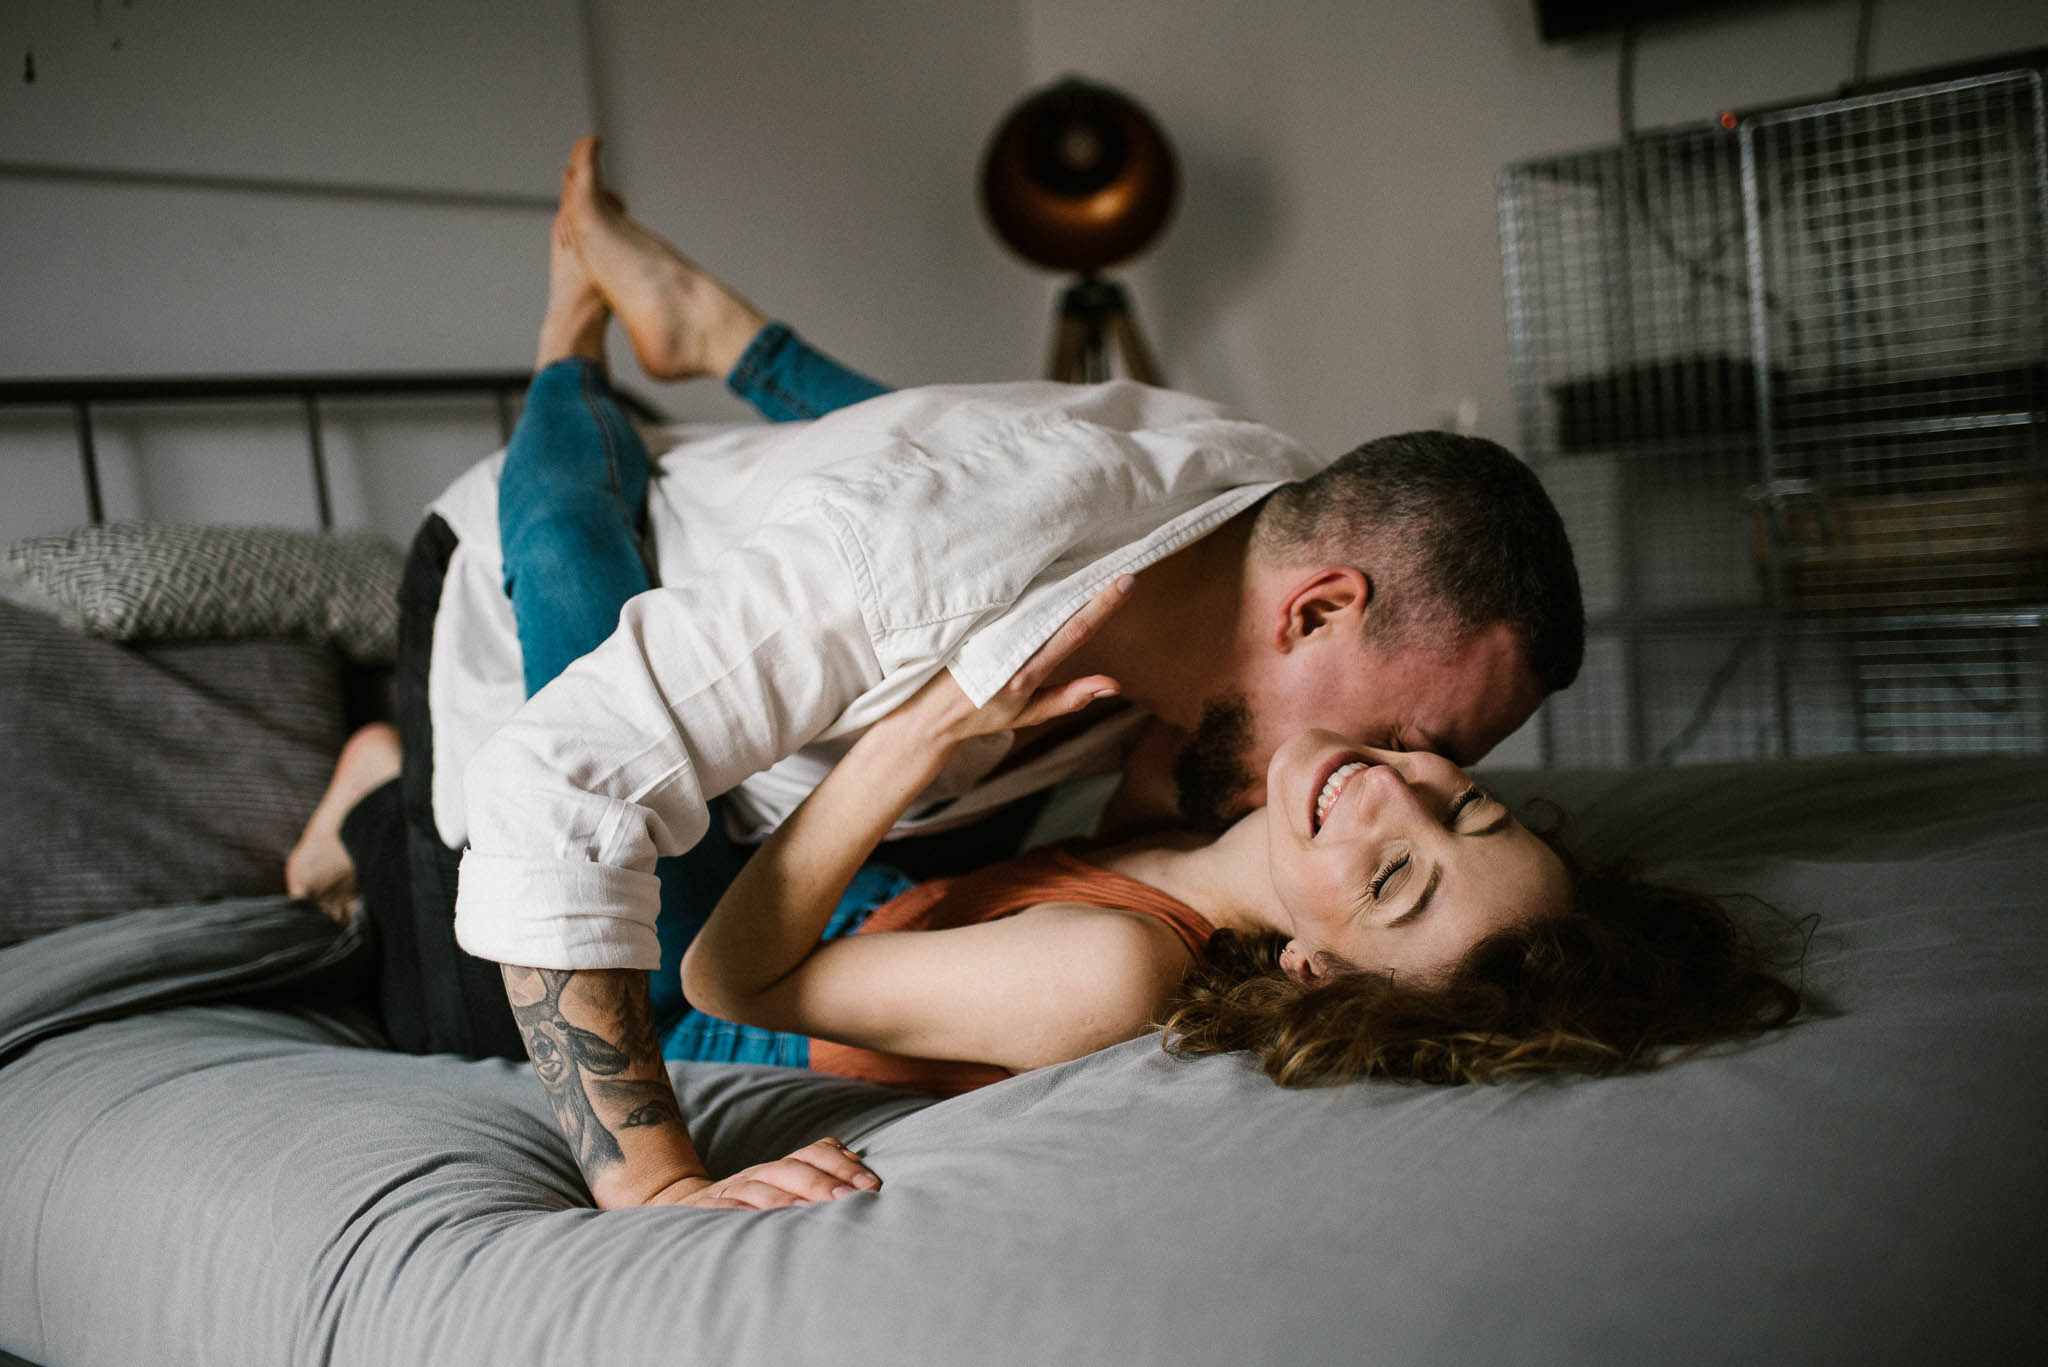 Narzeczony całuje partnerkę w szyję na łóżku w sypialni - sesja sensualna pary lifestyle w Poznaniu